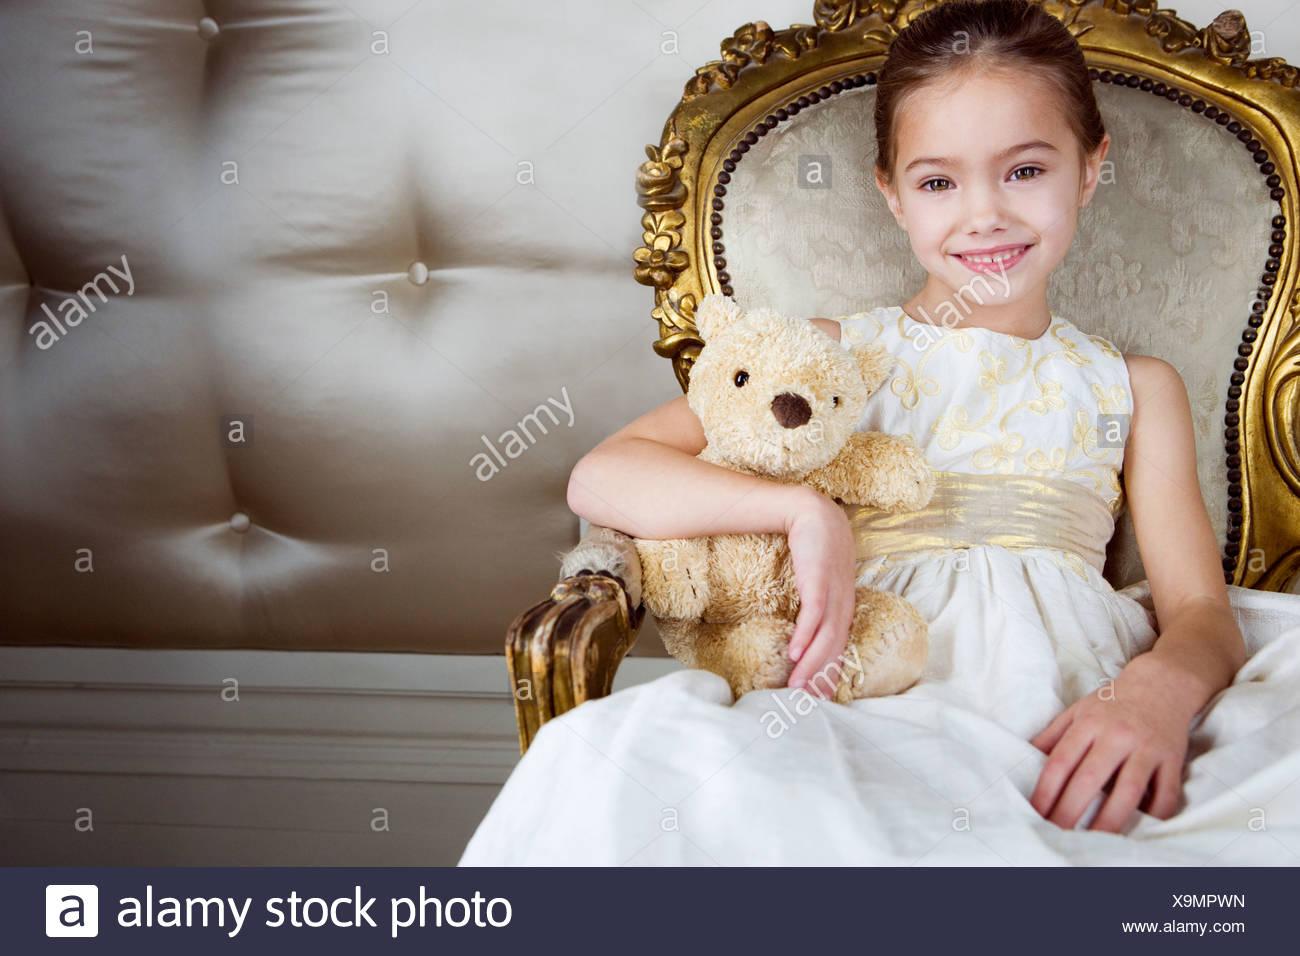 Fantastisch Partykleid Für Kleine Mädchen Bilder - Brautkleider ...